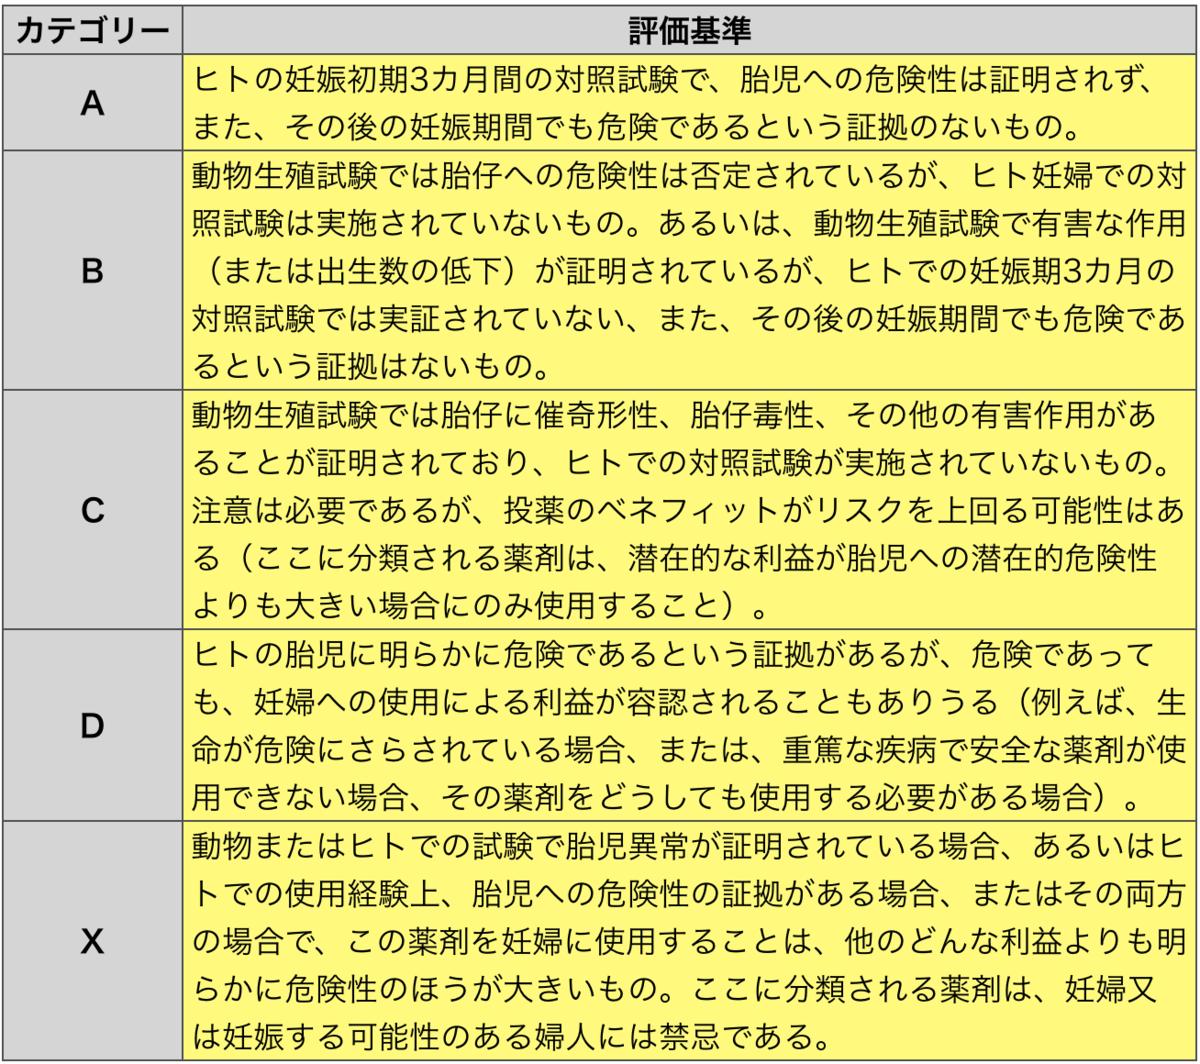 f:id:huji7:20201113003337p:plain